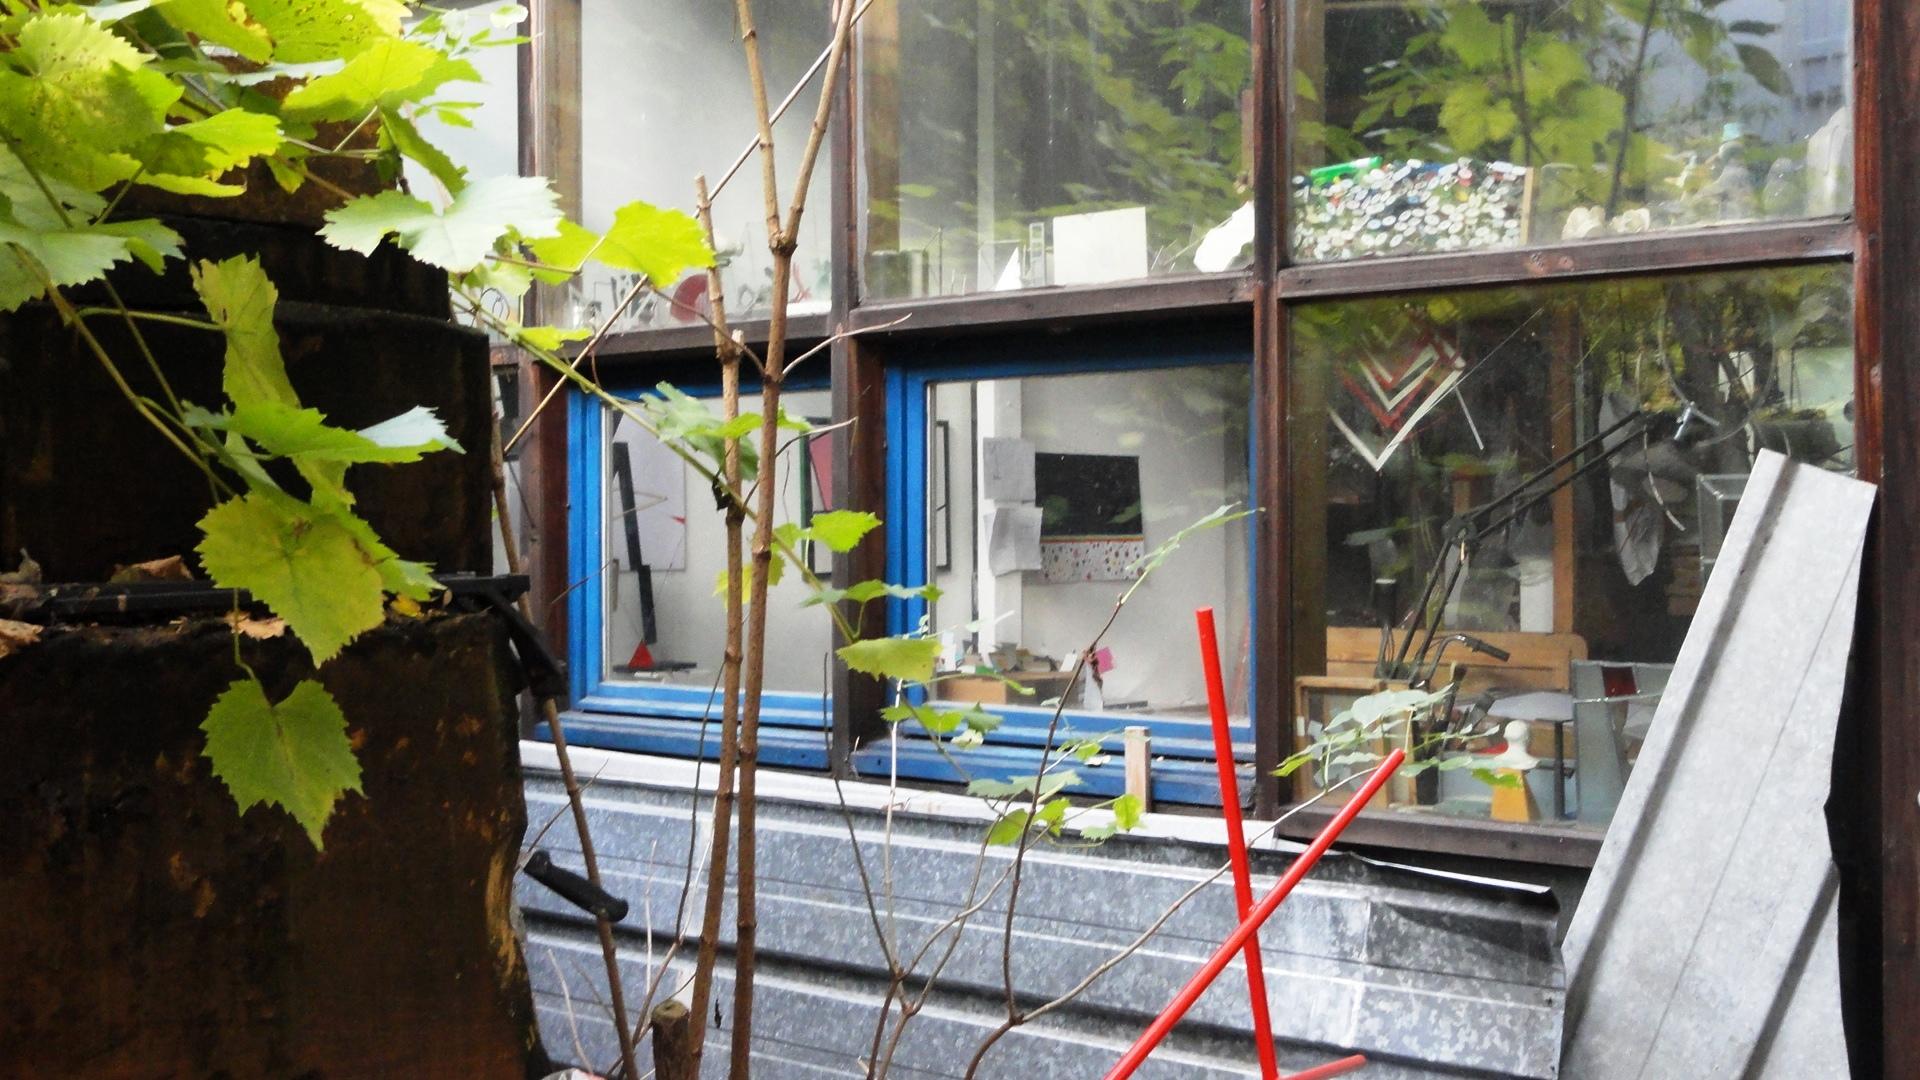 83 rue de Bagnolet - Atelier d'artiste